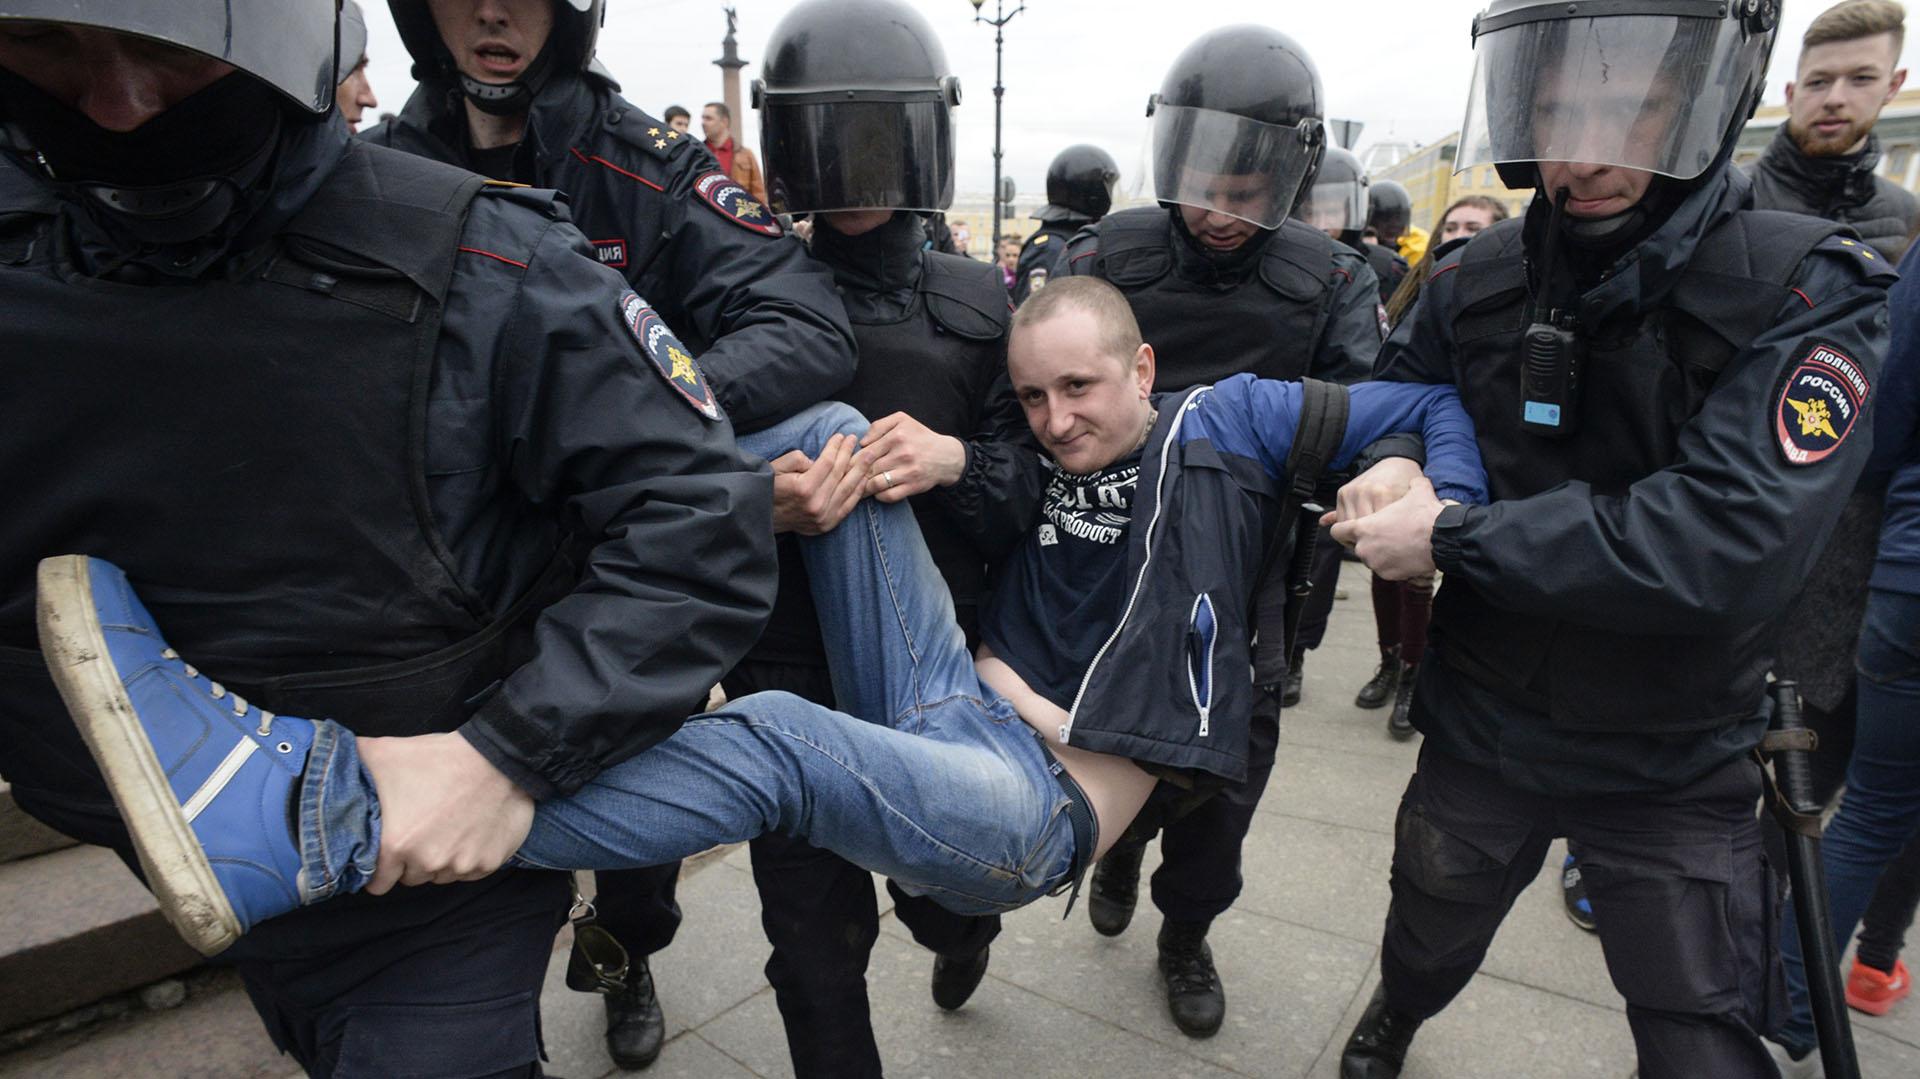 La policía detuvo a unos 1000 manifestantes durante la protesta. (AFP)